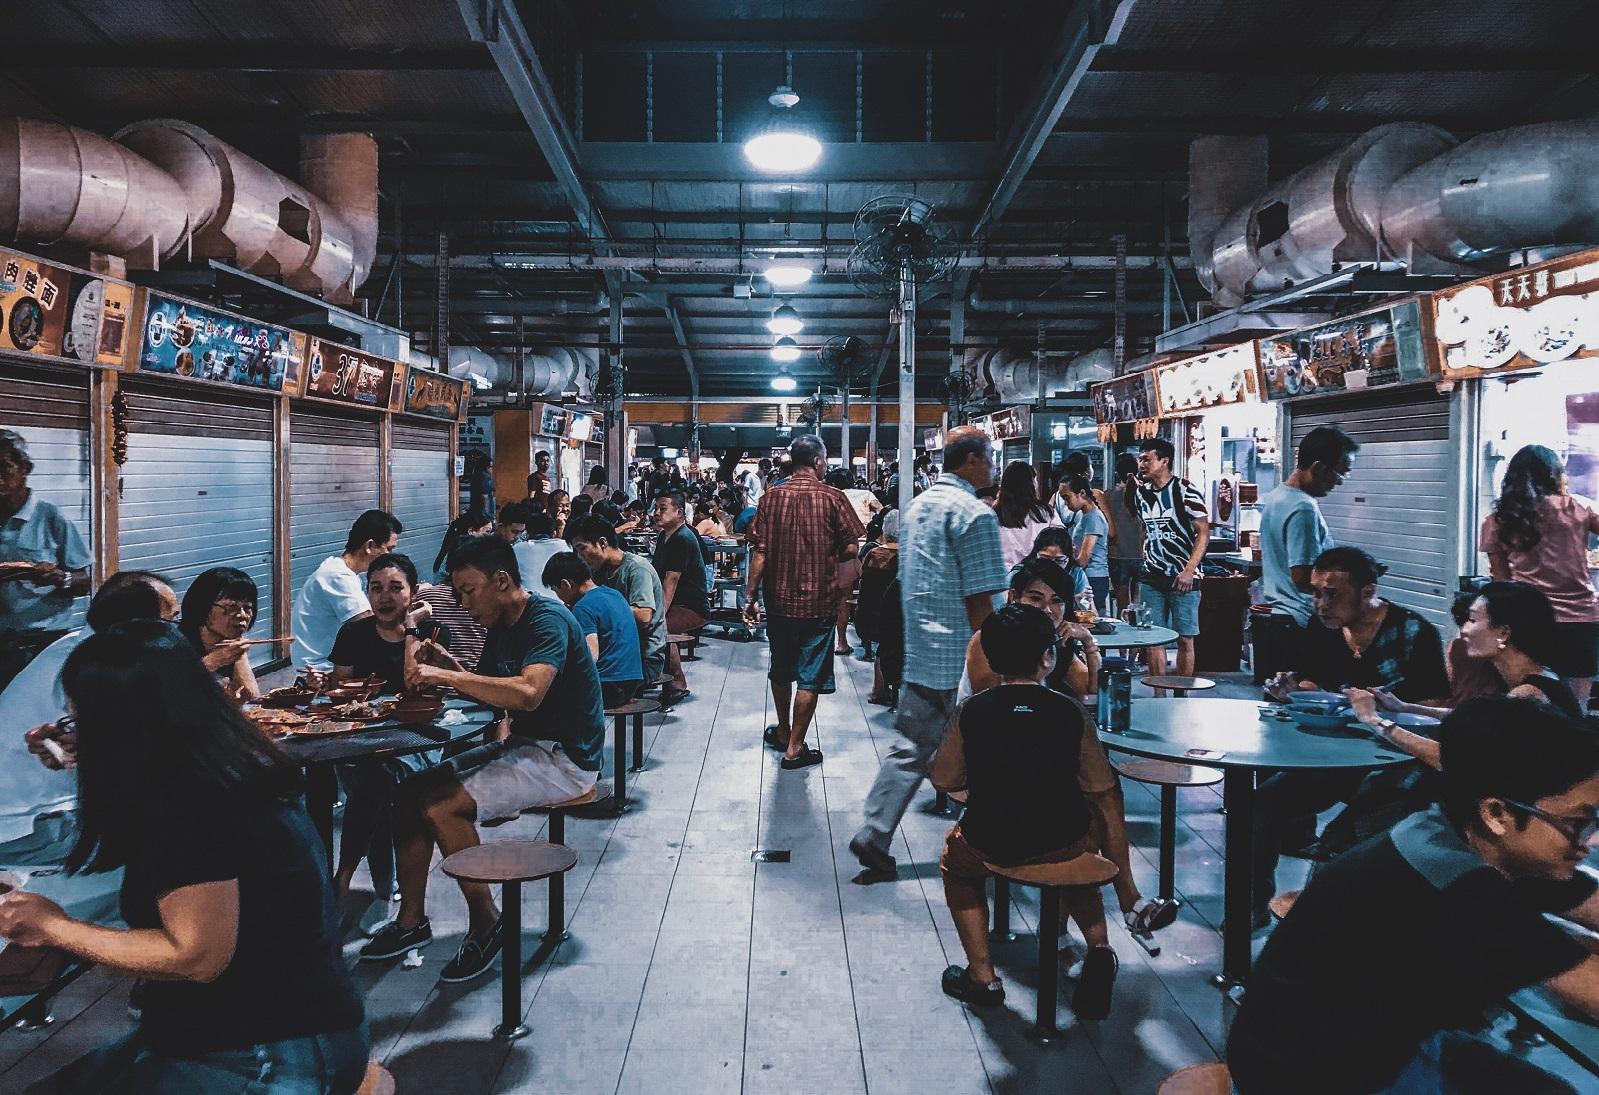 Tanie jedzenie street food - podróże